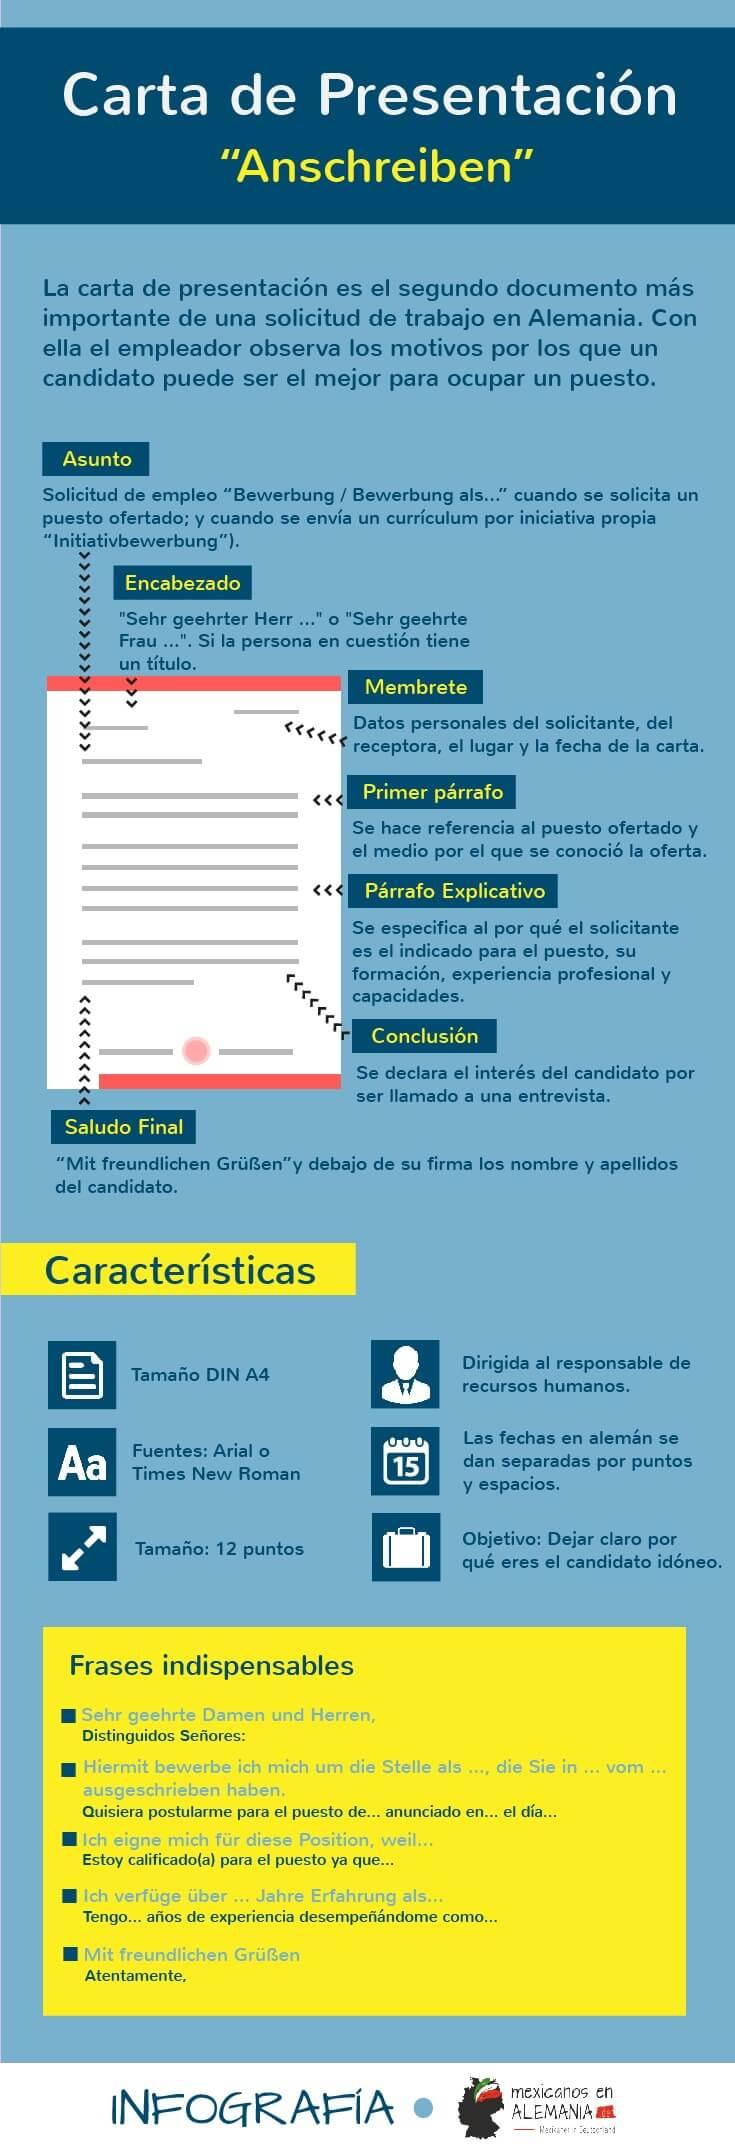 infografía carta de presentacion para la solicitud de trabajo